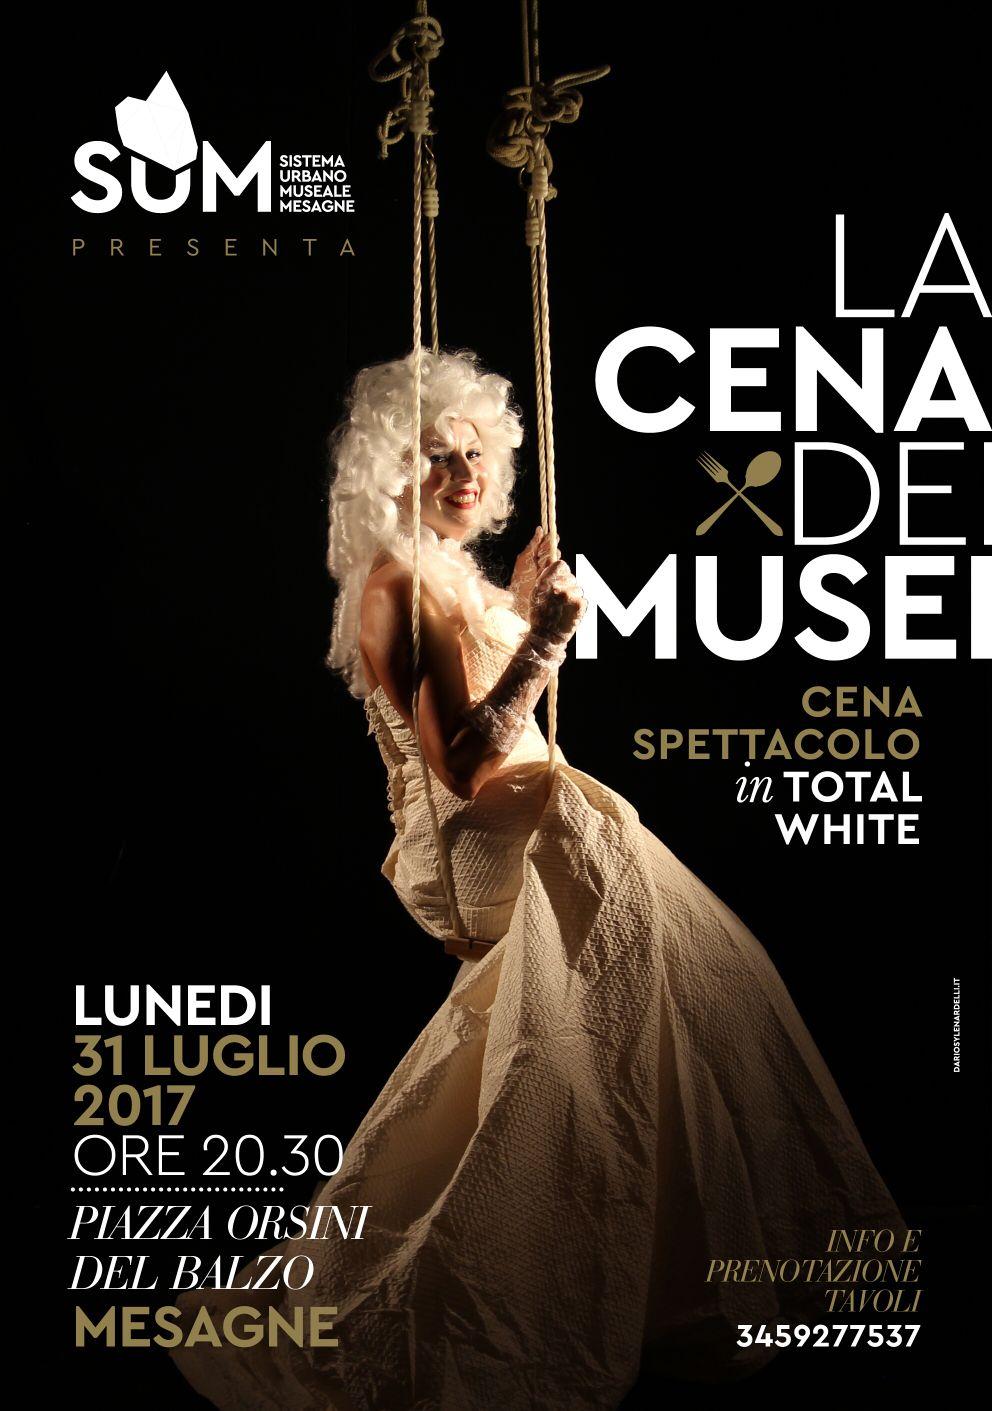 """Questa sera 31 luglio c'è la """"Cena dei Musei"""", uno spettacolo in total white. Ecco il menù"""